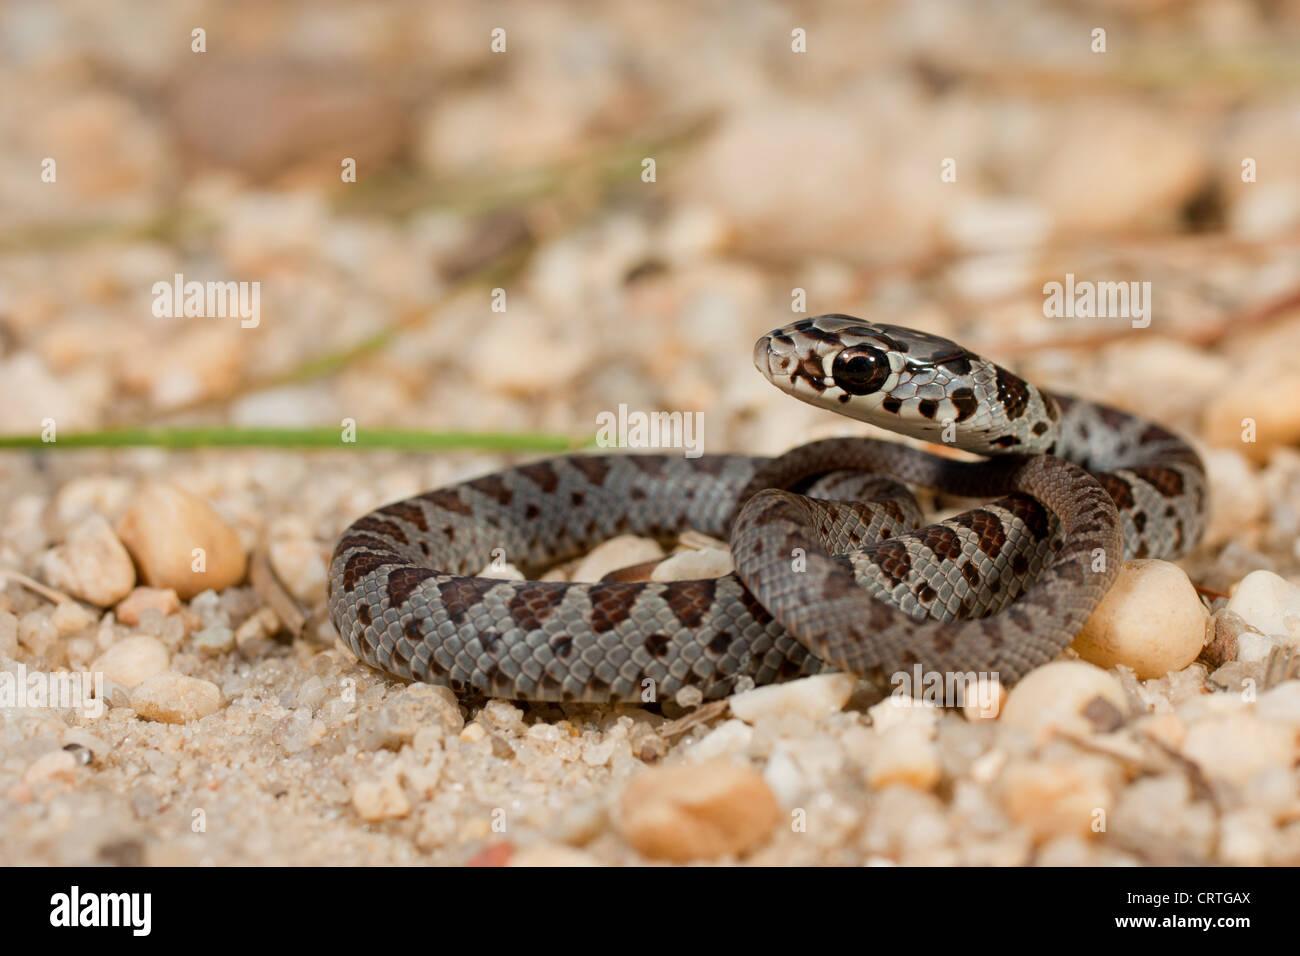 Baby black racer snakes